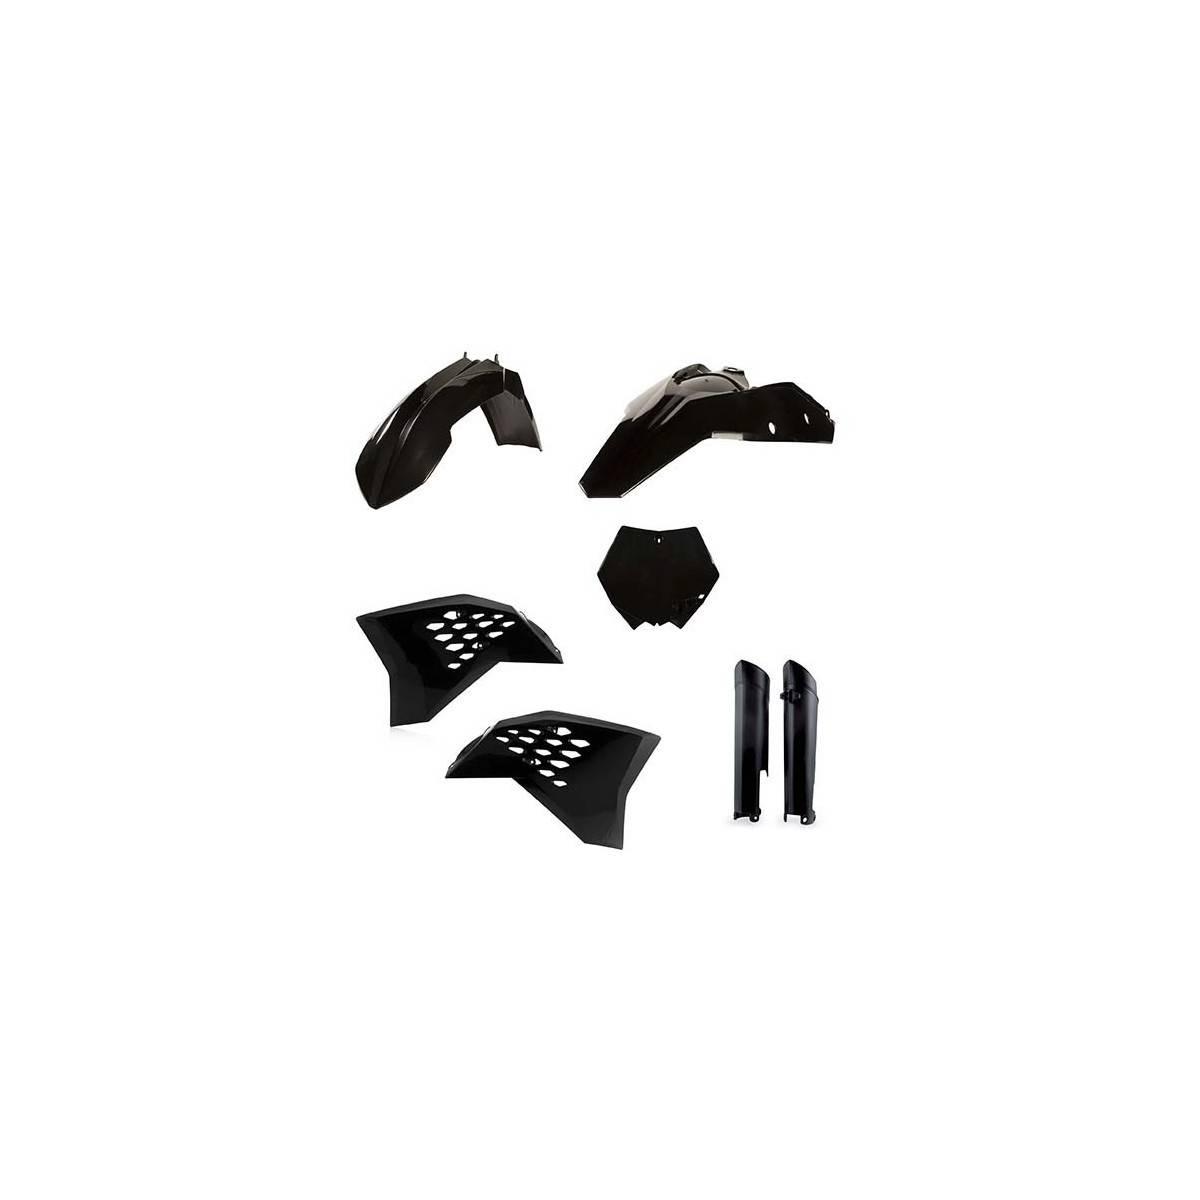 0022988-090 - Full Kit Plasticas Kxf 450 18 Eu Negro